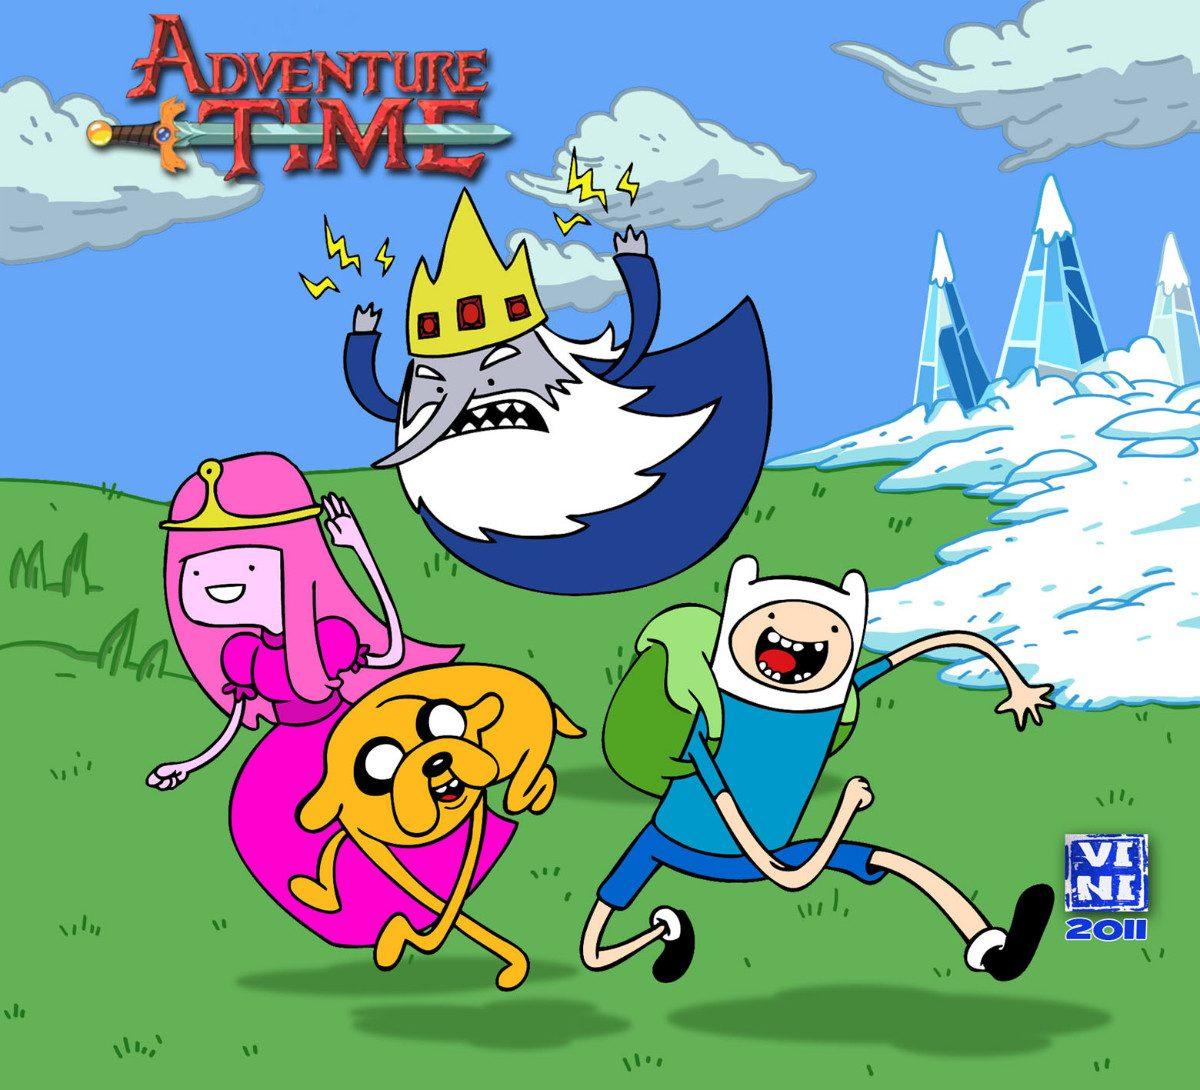 https://mlb-s2-p.mlstatic.com/camiseta-hora-da-aventura-adventure-time-14353-MLB3811903938_022013-F.jpg